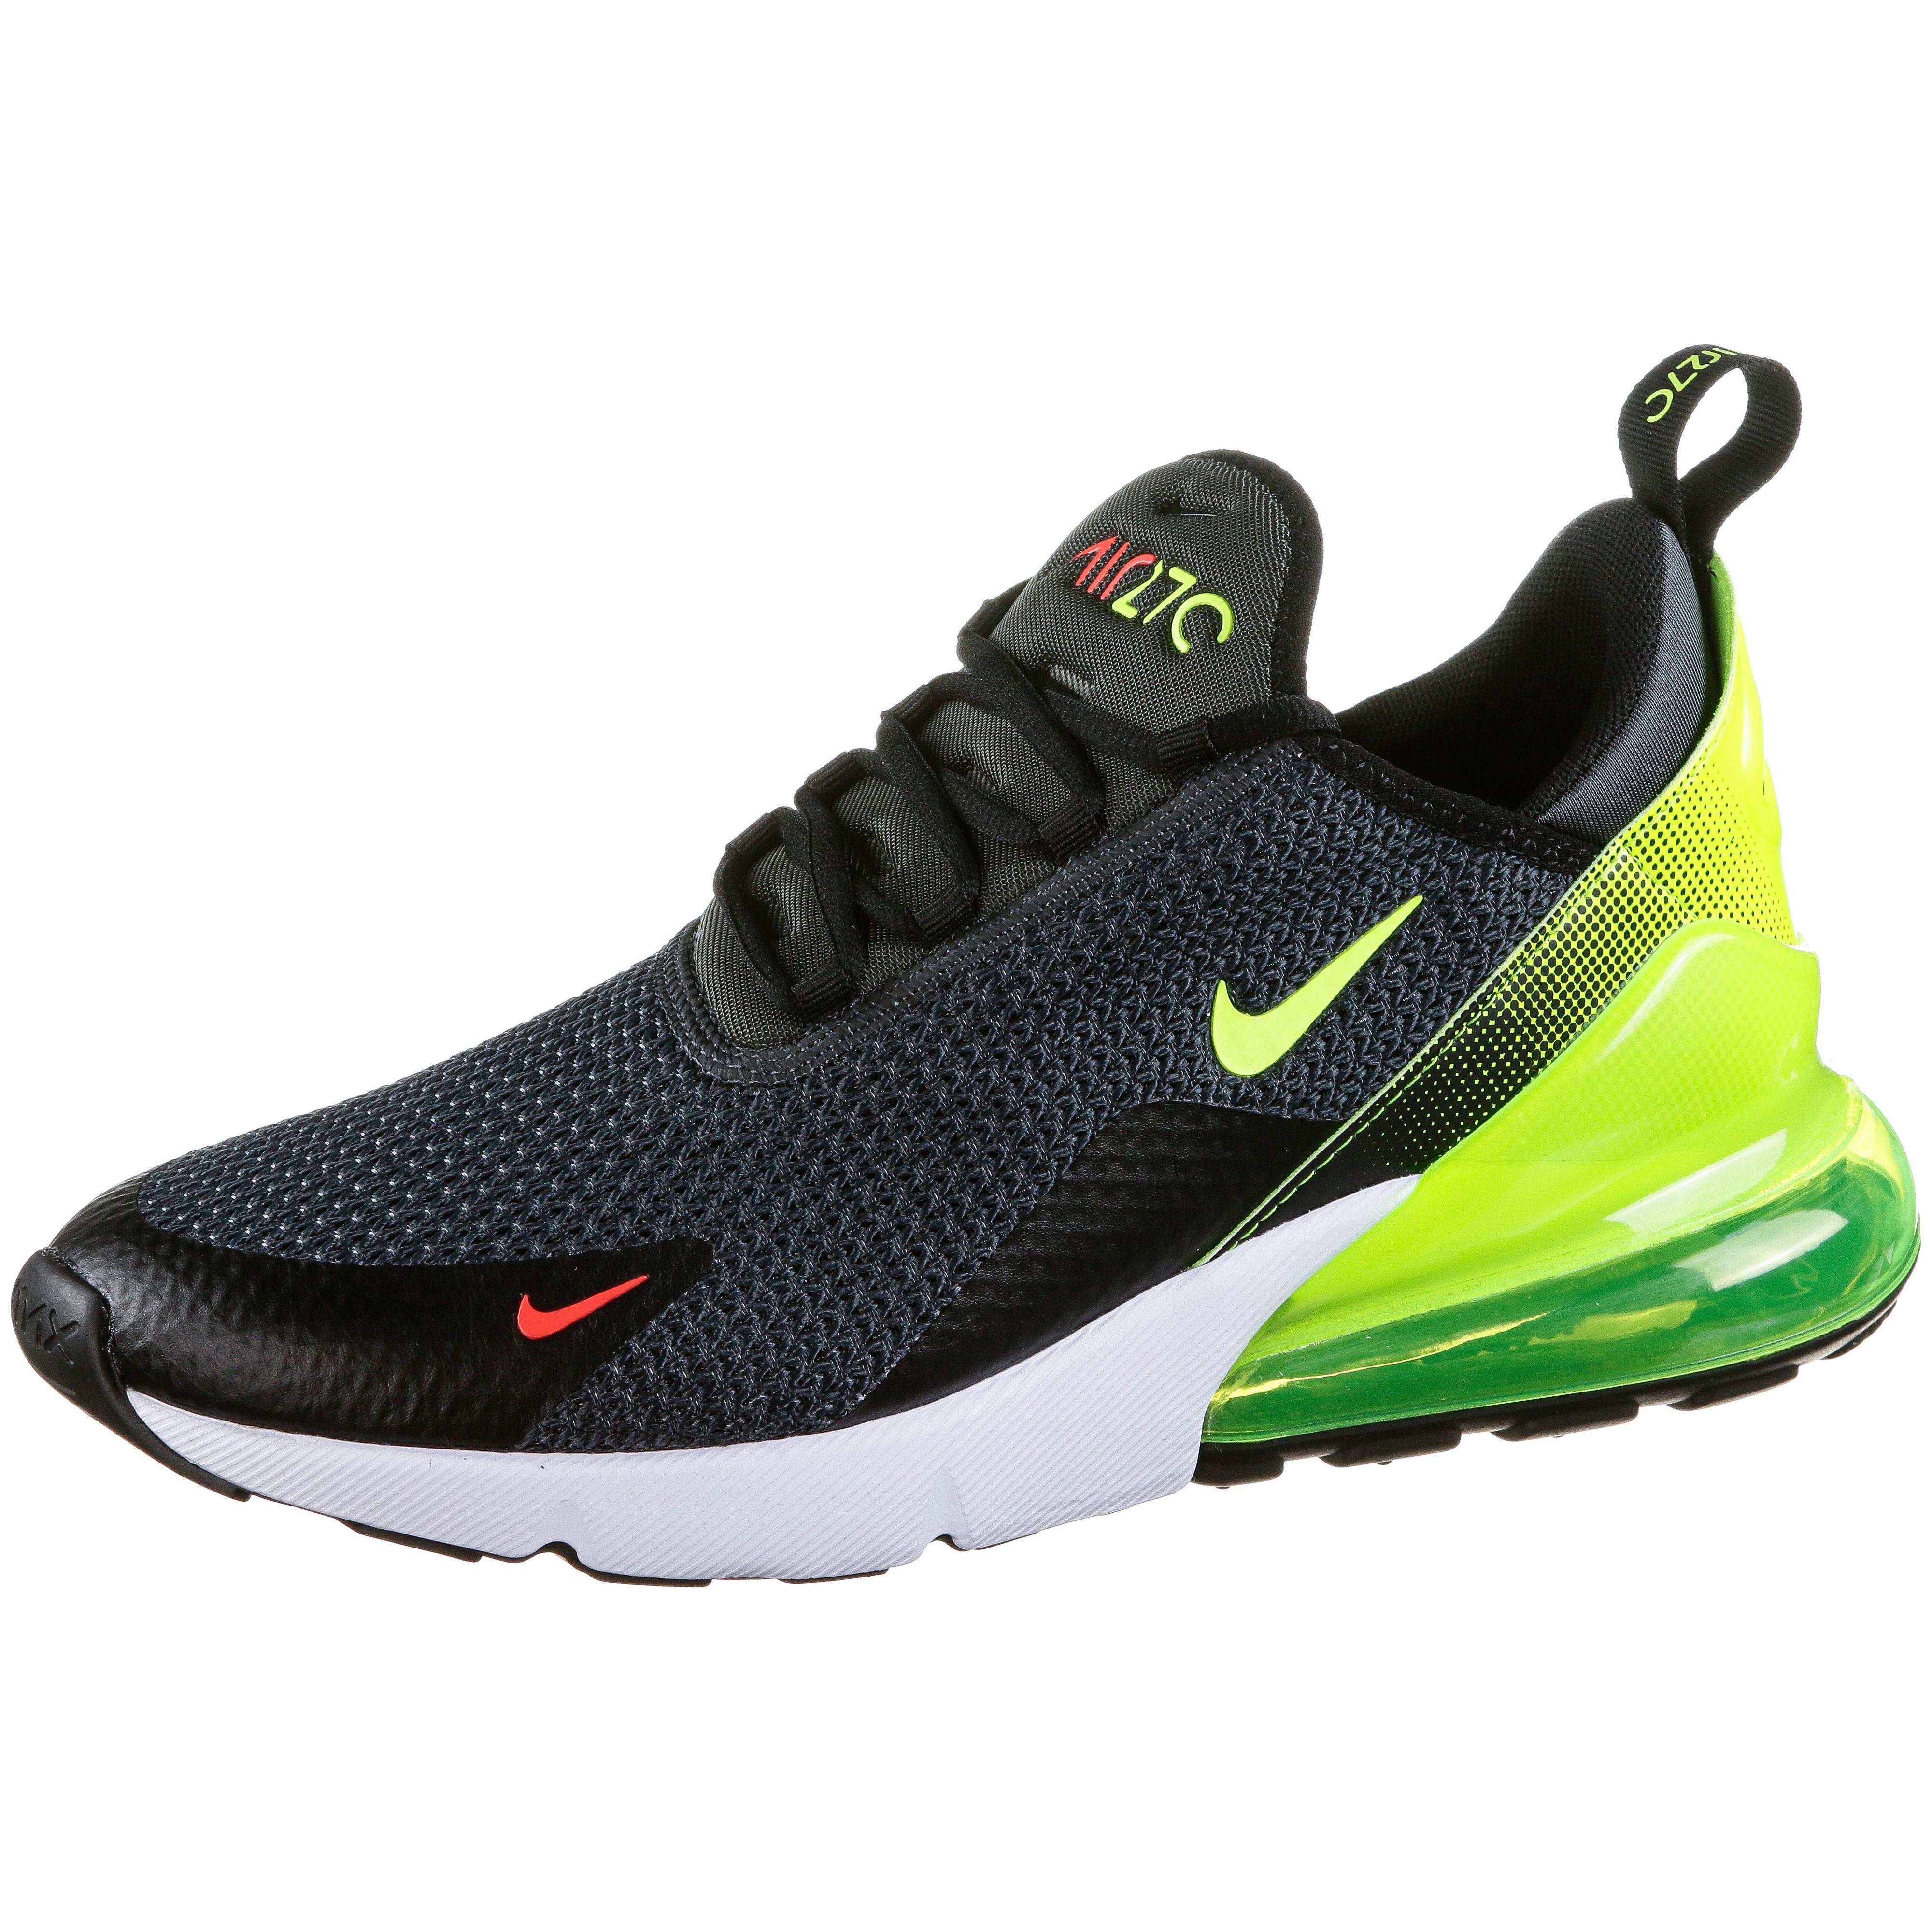 Nike Air Max 270 SE Sneaker Herren anthracite volt black bright crimson im Online Shop von SportScheck kaufen